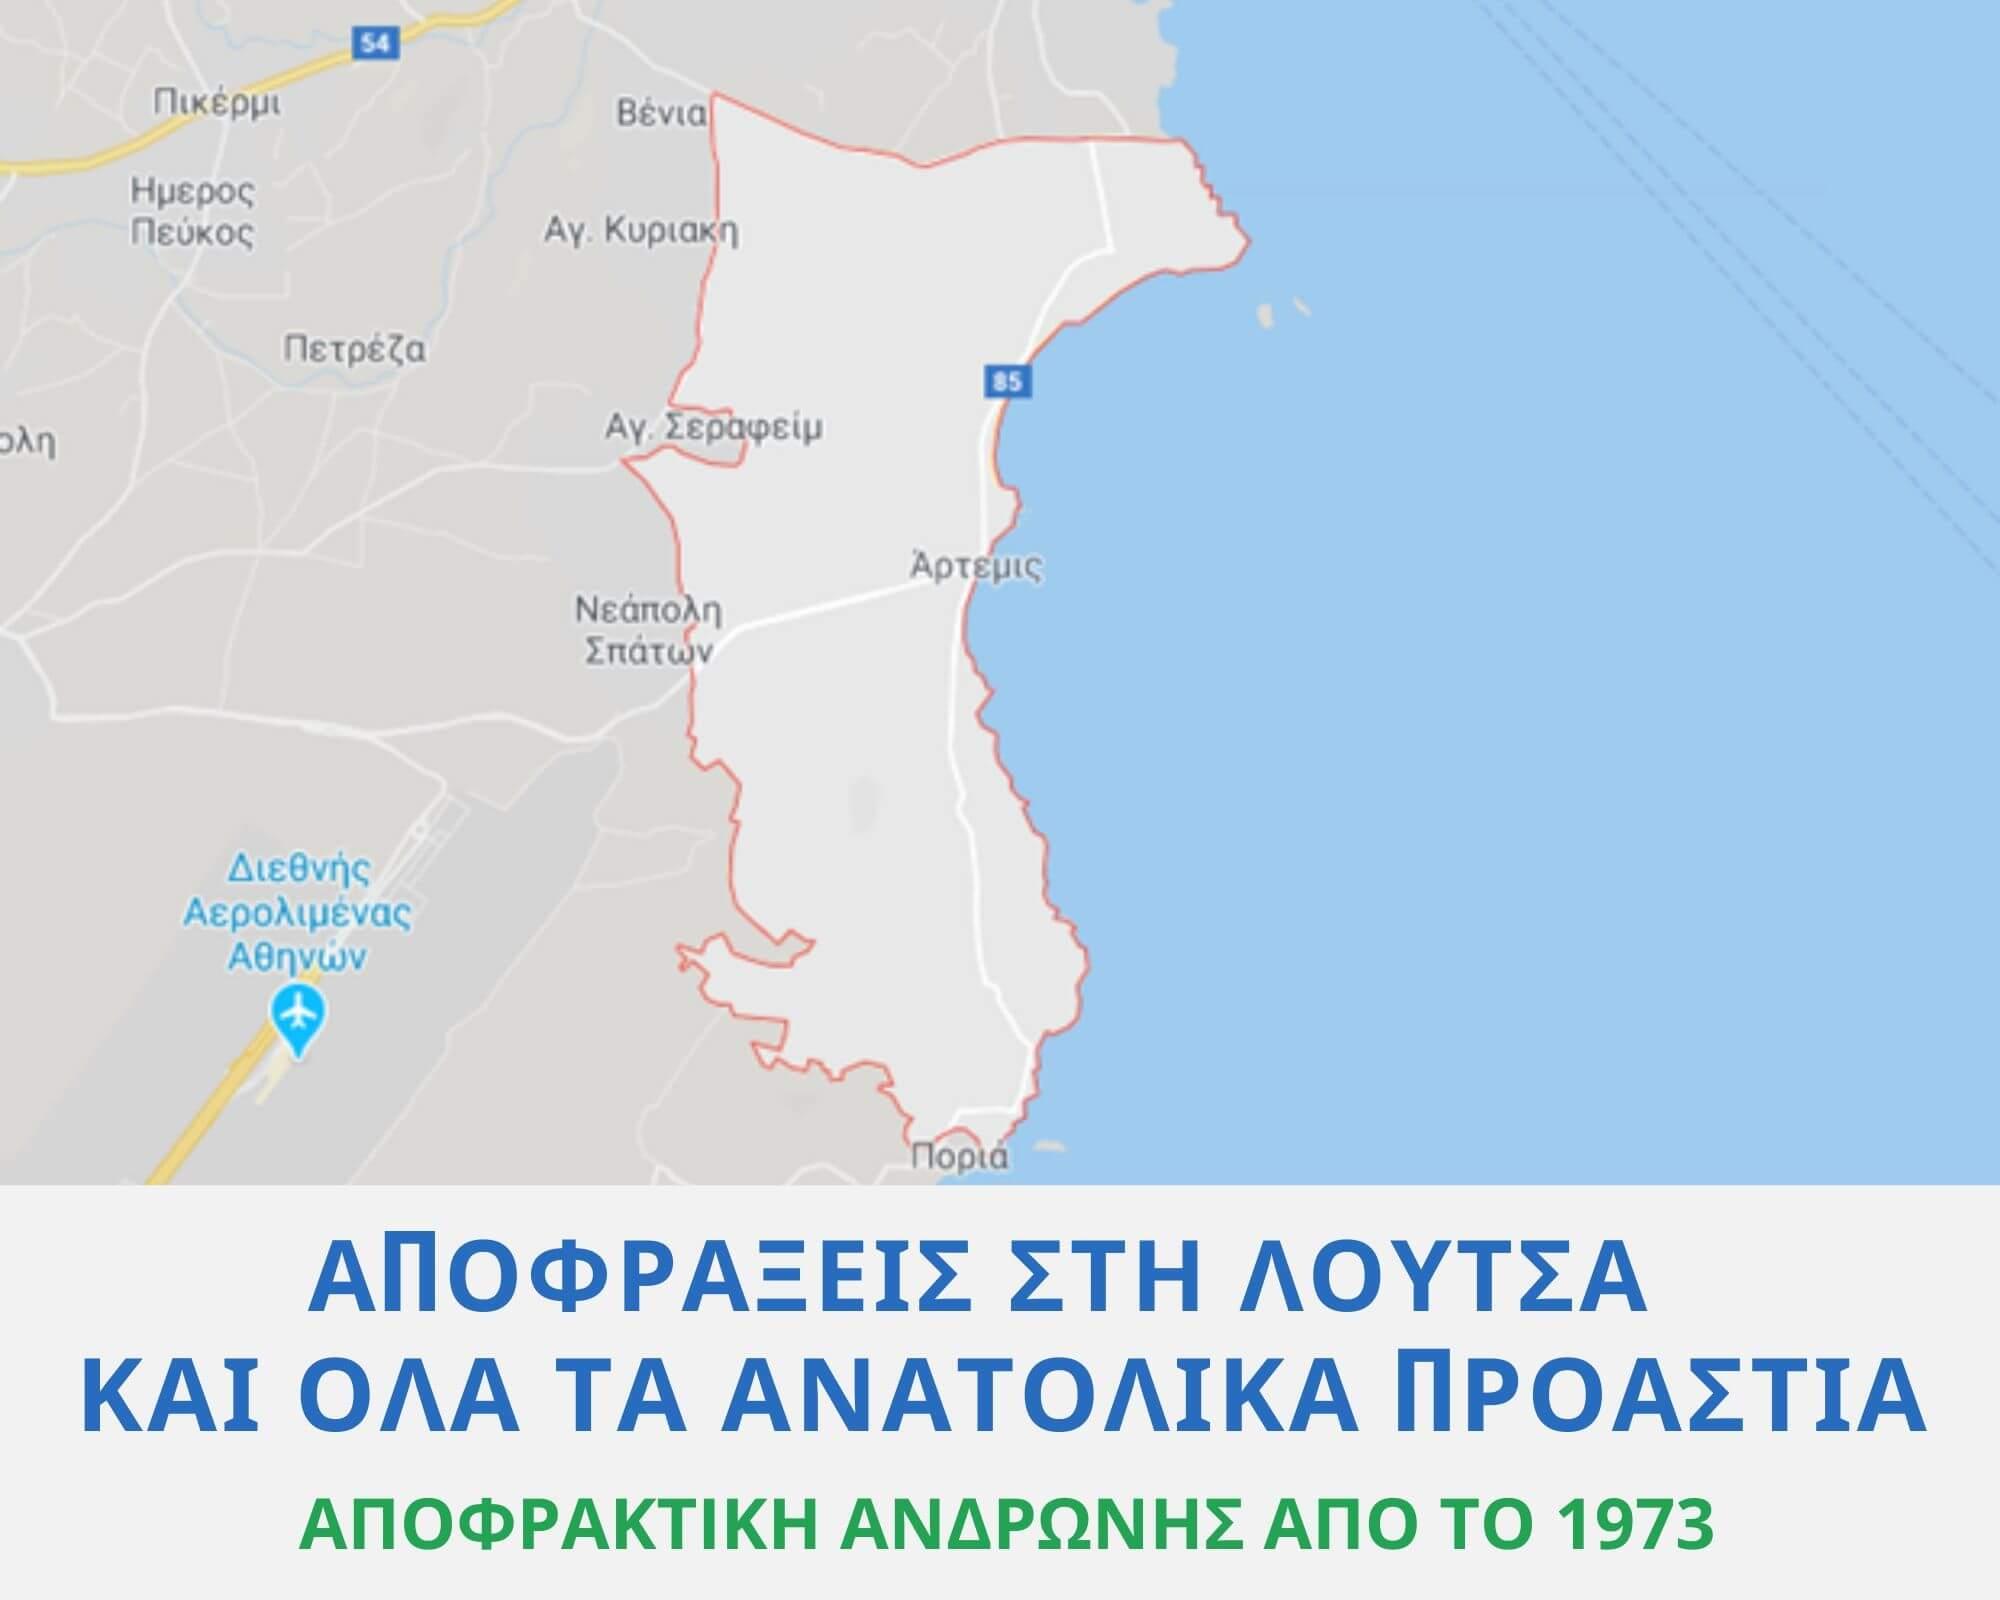 Αποφράξεις Λούτσα - 213.02.50.818 - Αποφράξεις Αθήνα